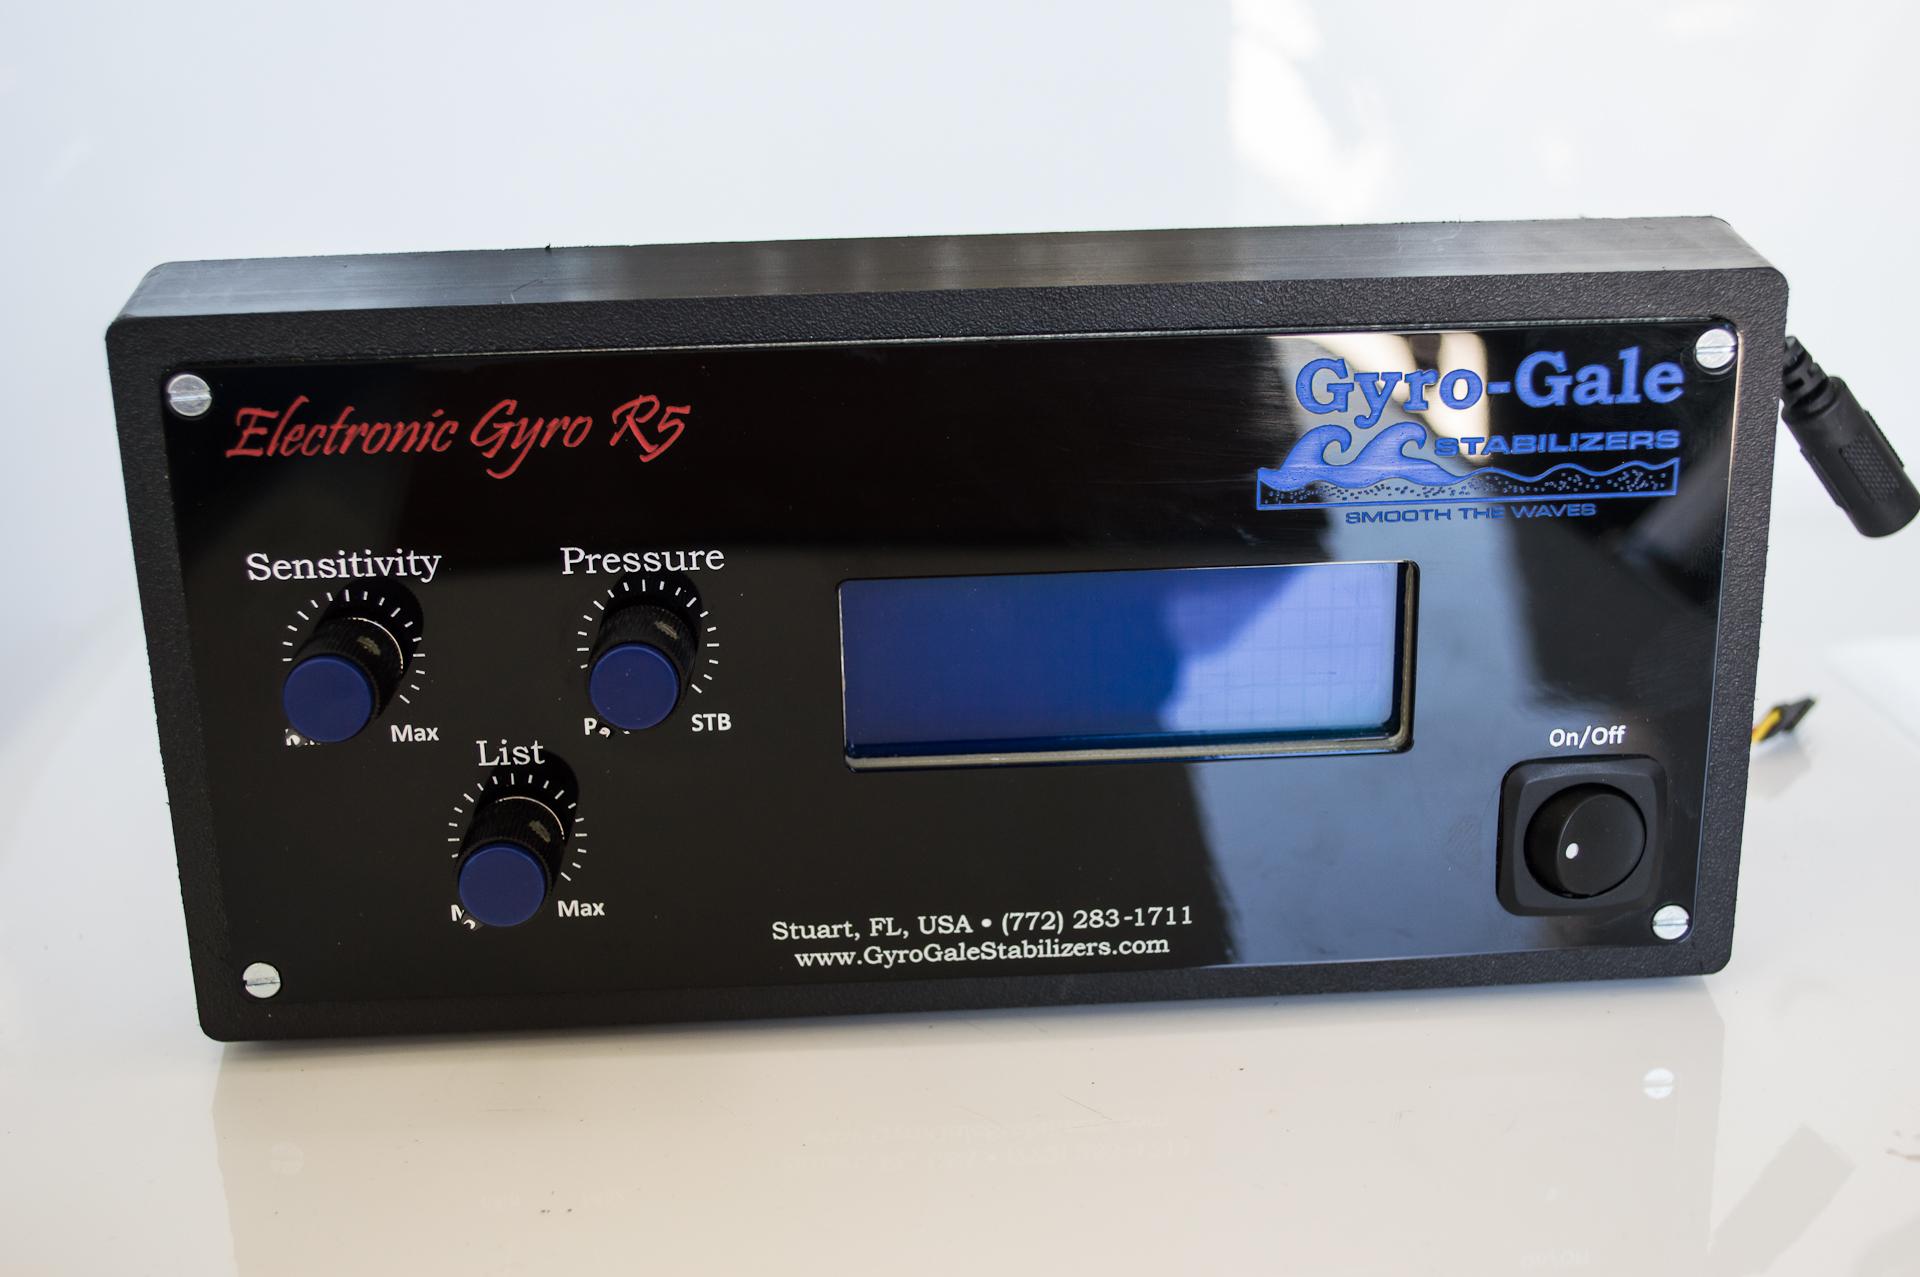 gyro-gale-65